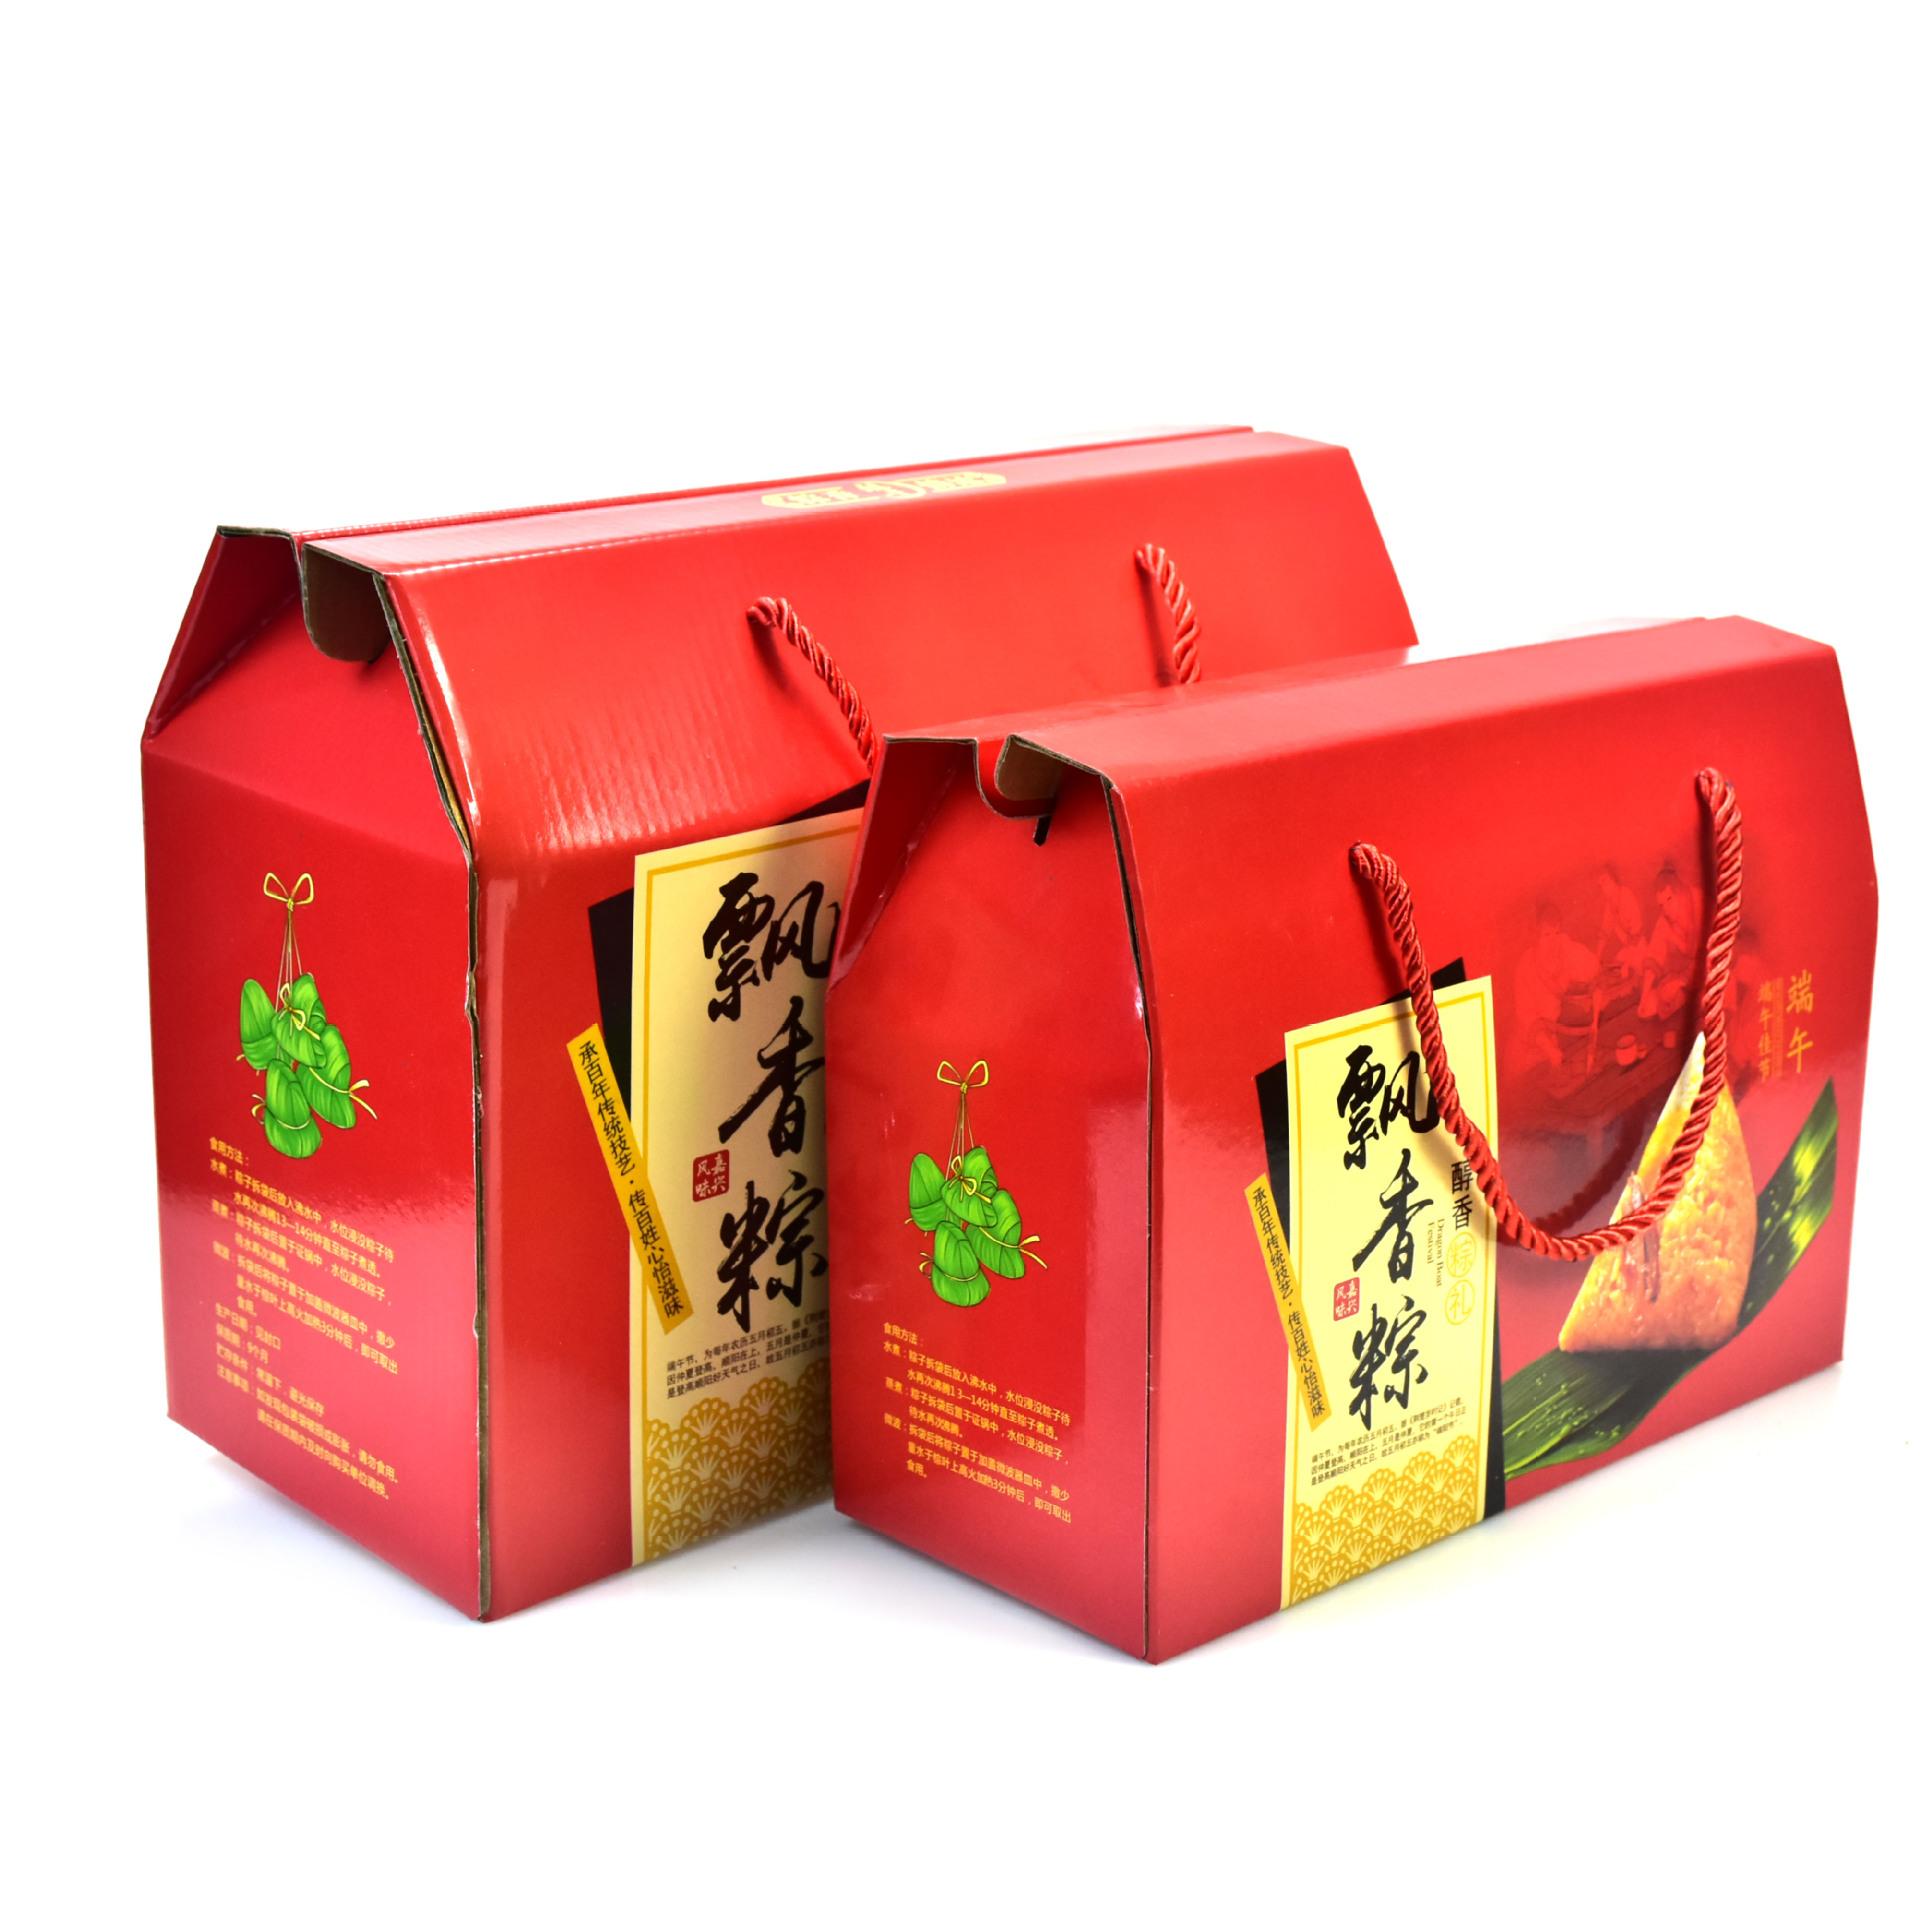 现货端午节手提粽子礼品盒 定做粽子包装盒免费设计印刷logo